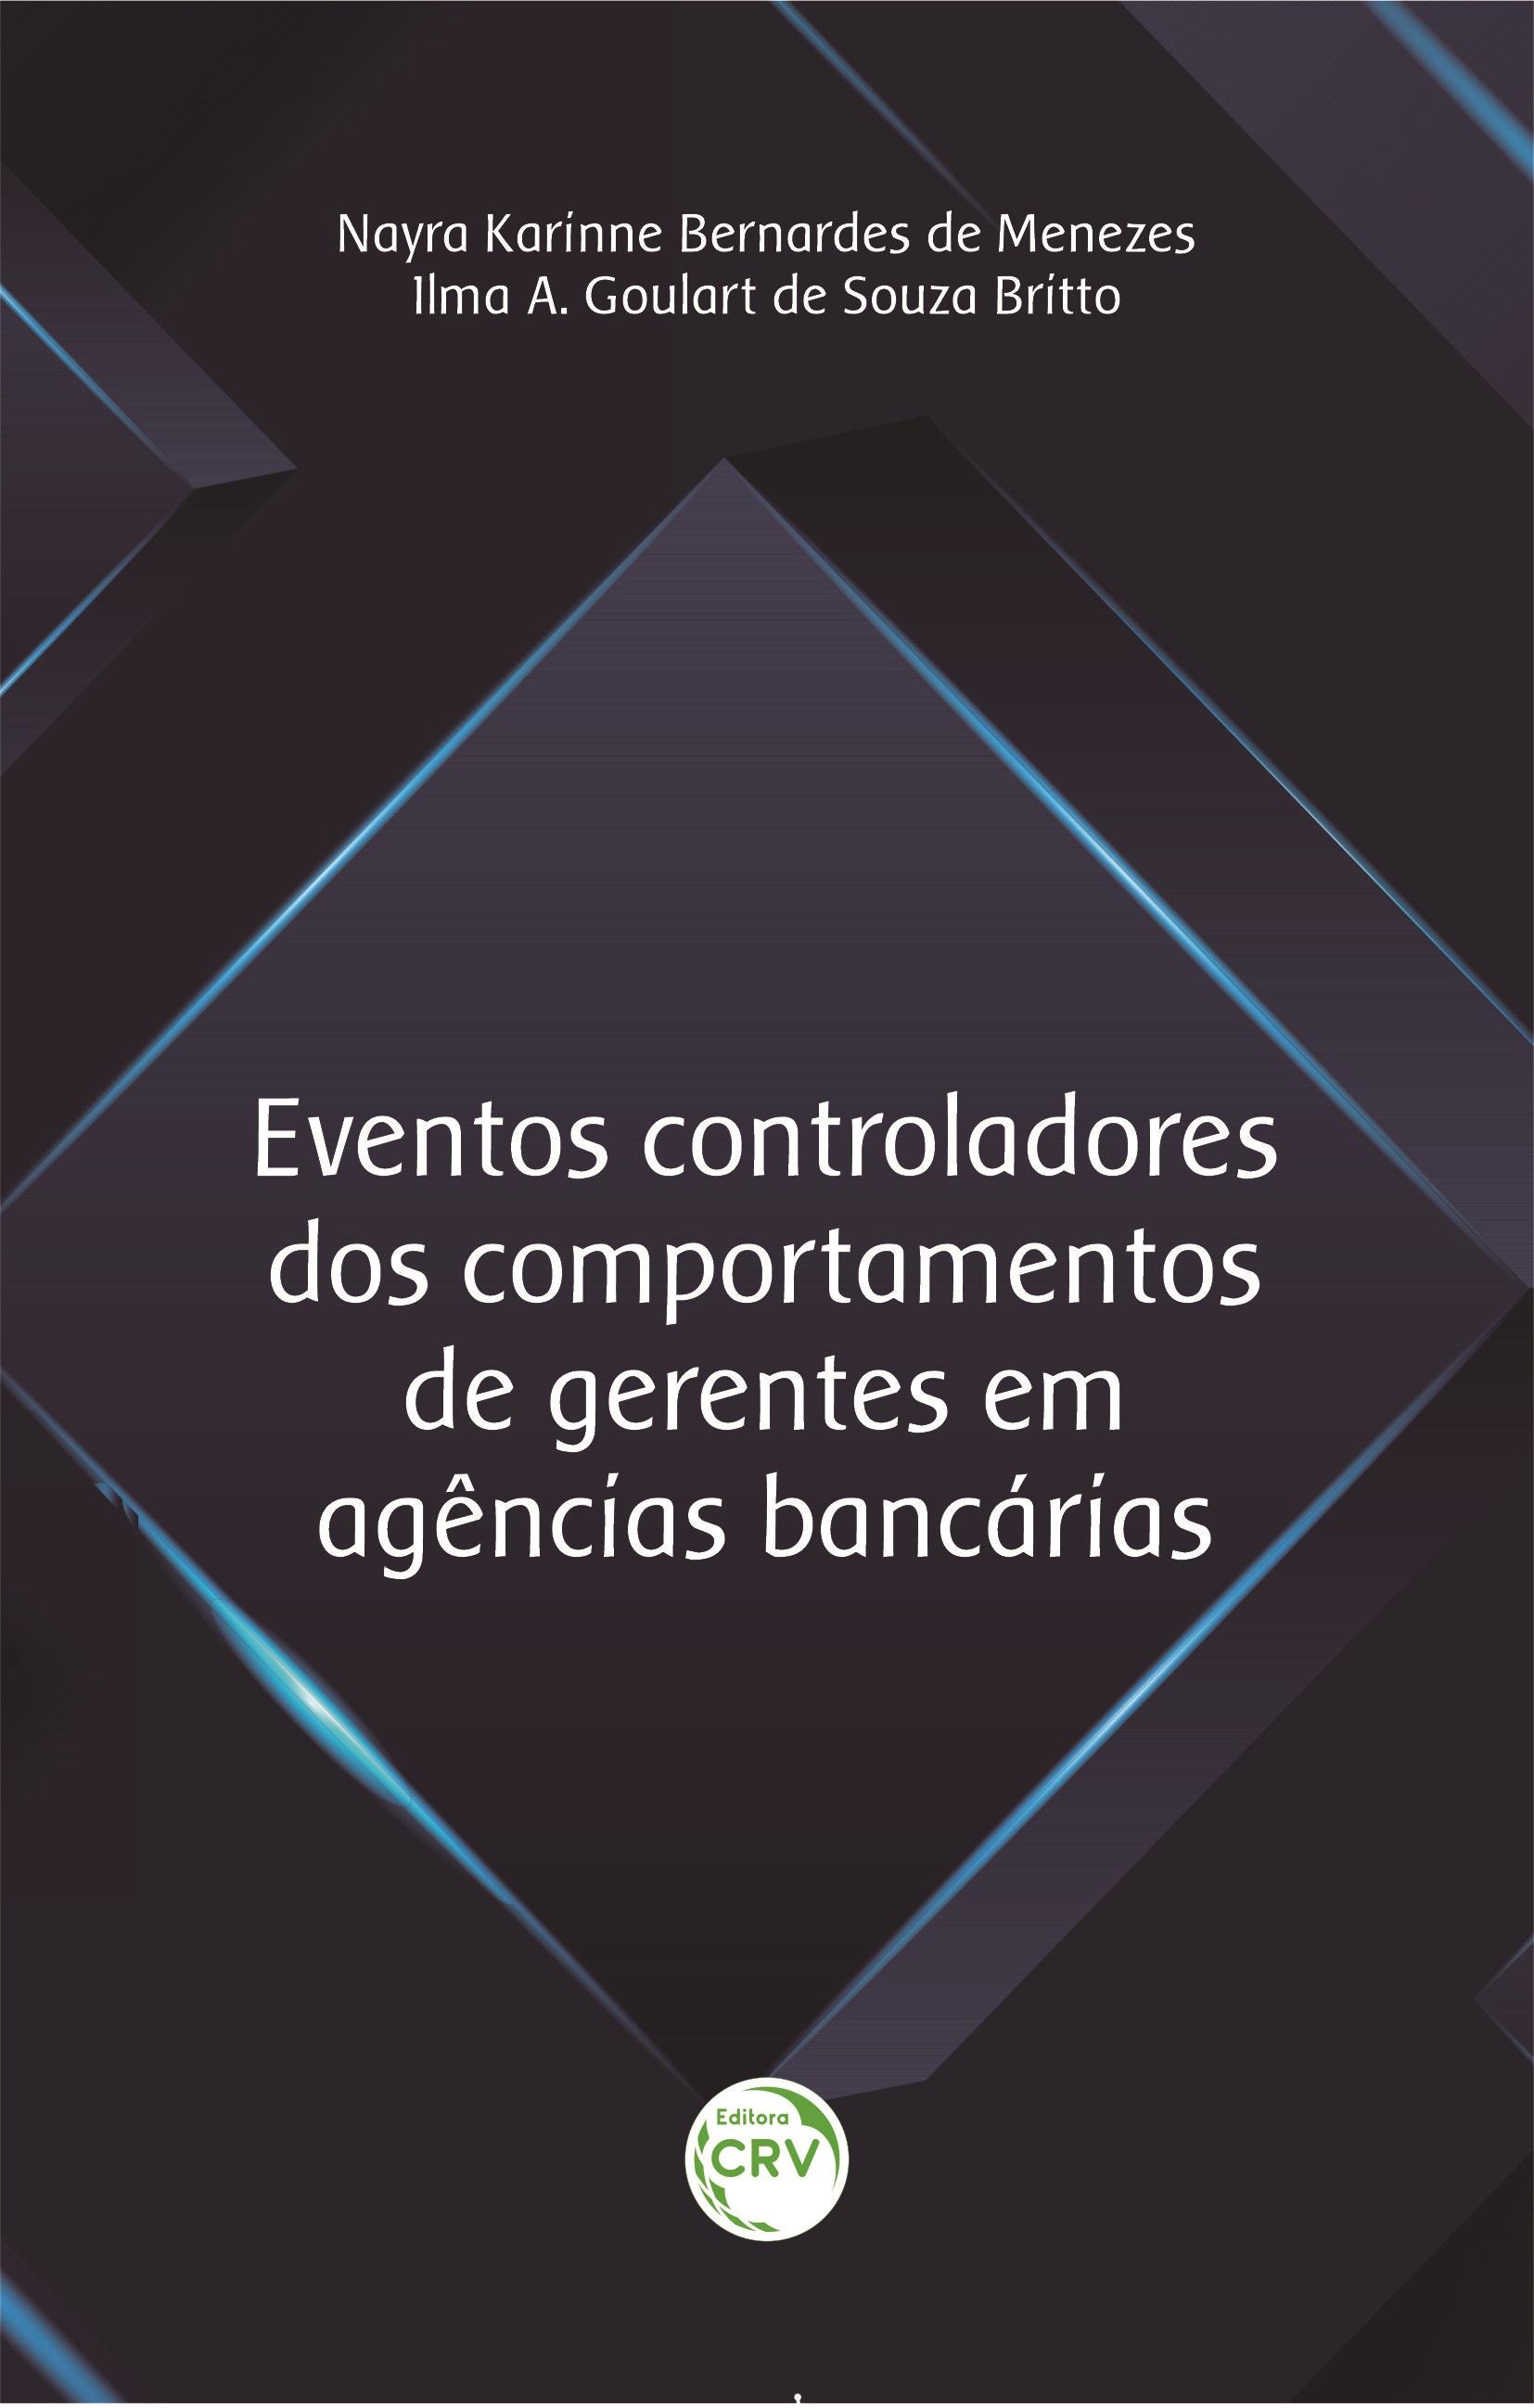 Capa do livro: EVENTOS CONTROLADORES DOS COMPORTAMENTOS DE GERENTES EM AGÊNCIAS BANCÁRIAS